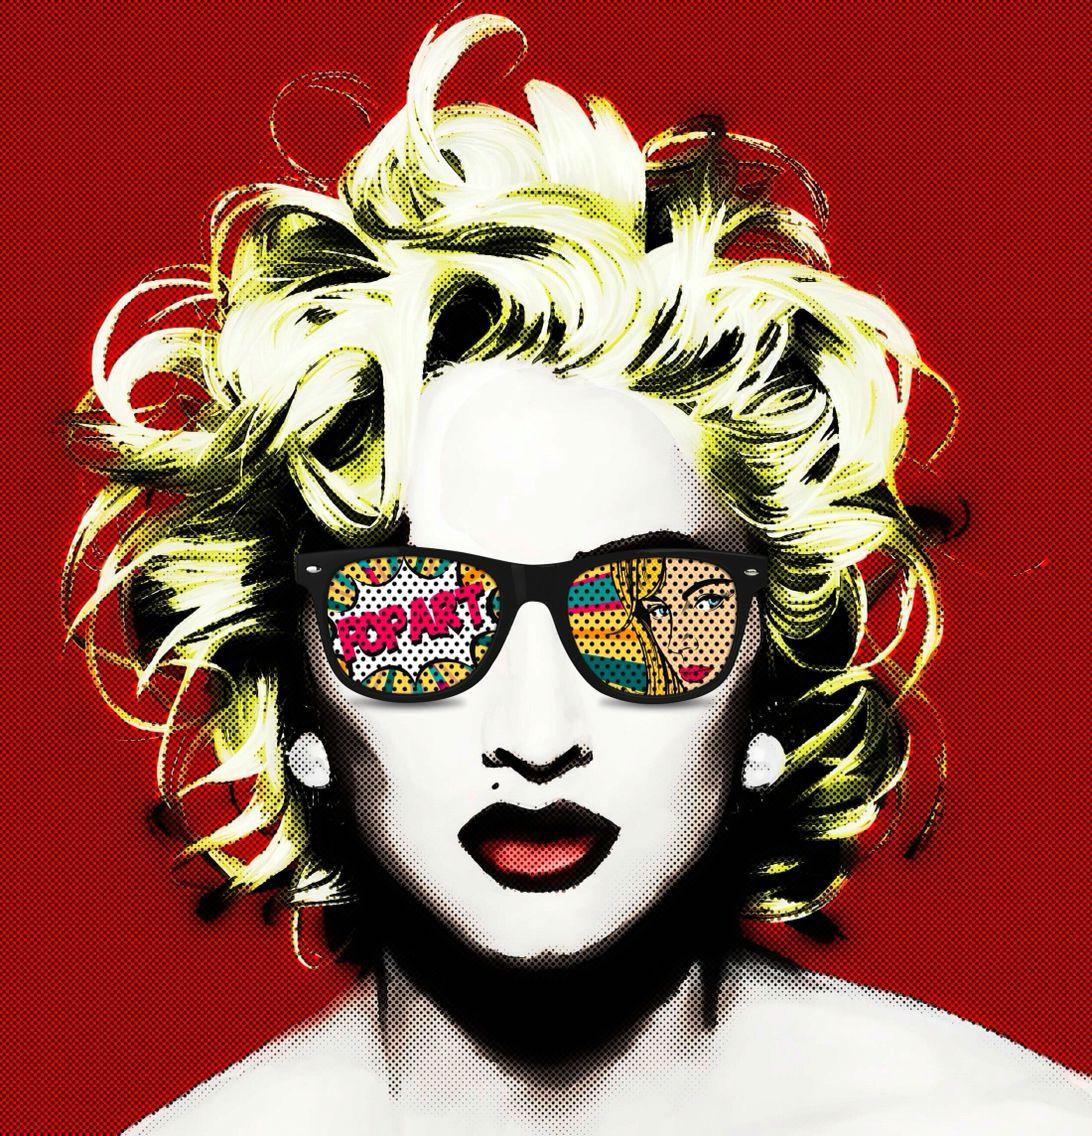 Madonna pop art design // 80's pop music // like a virgin